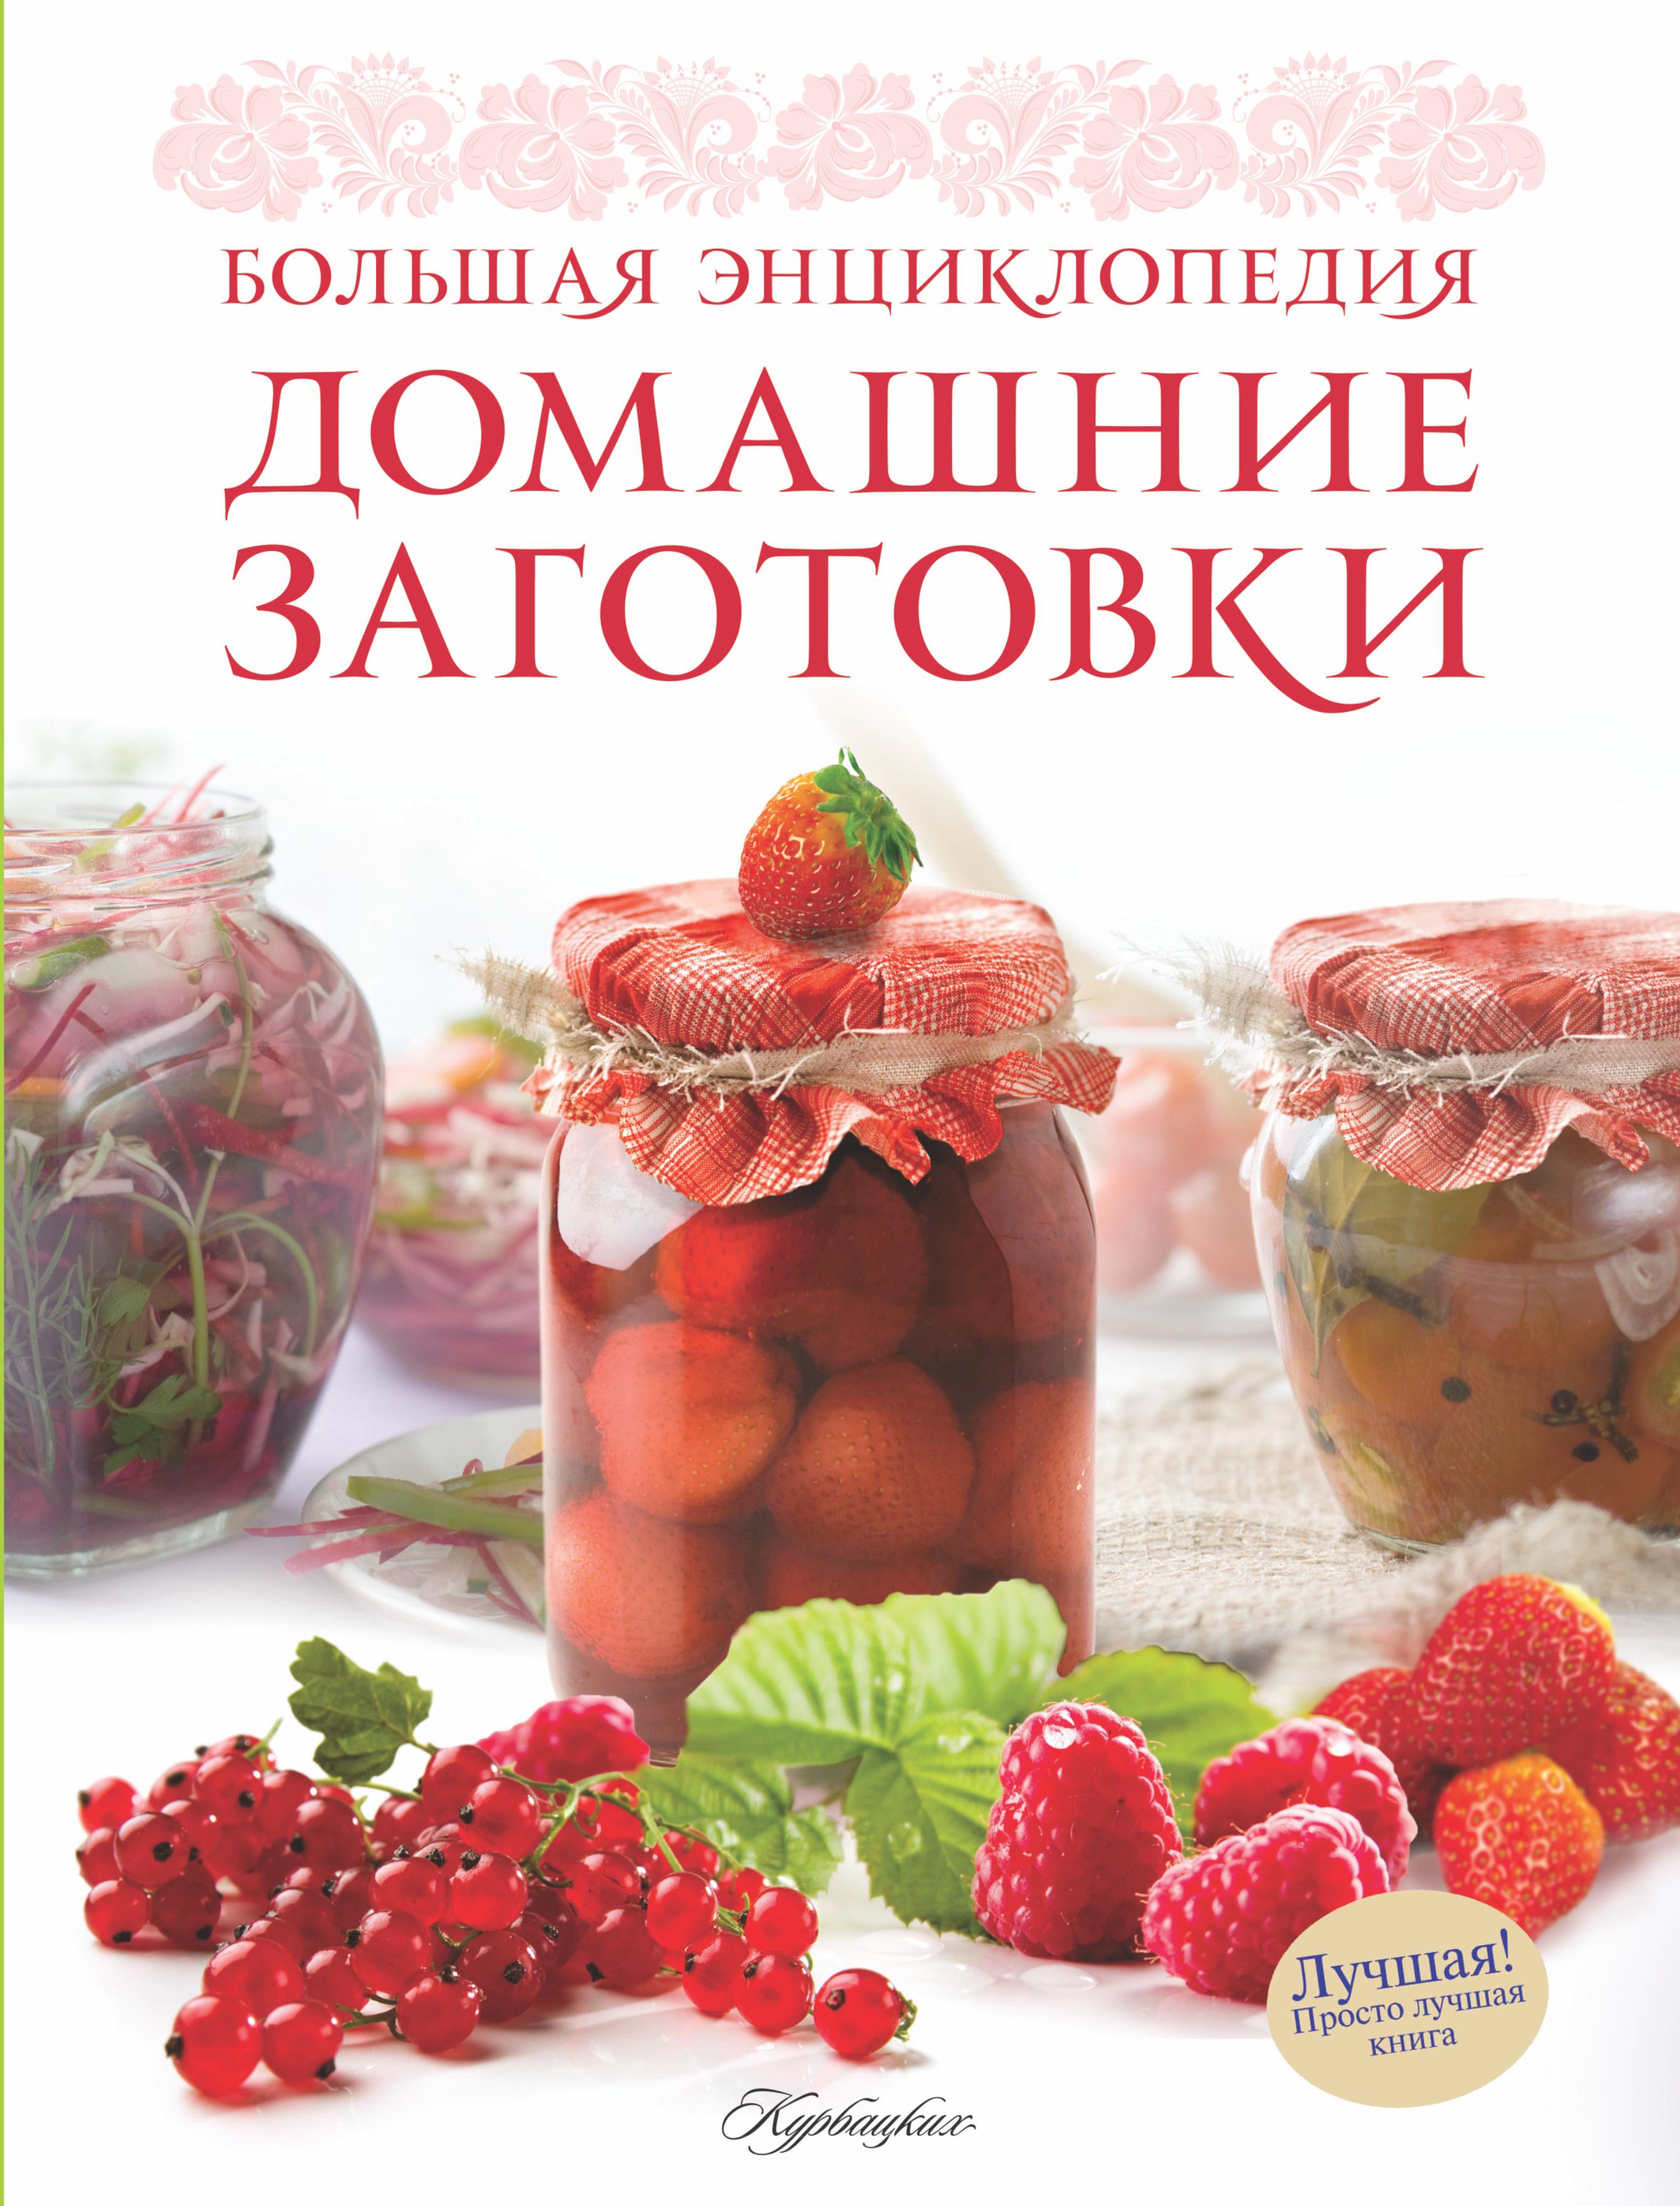 Ройтенберг И.Г. Домашние заготовки.Большая энциклопедия